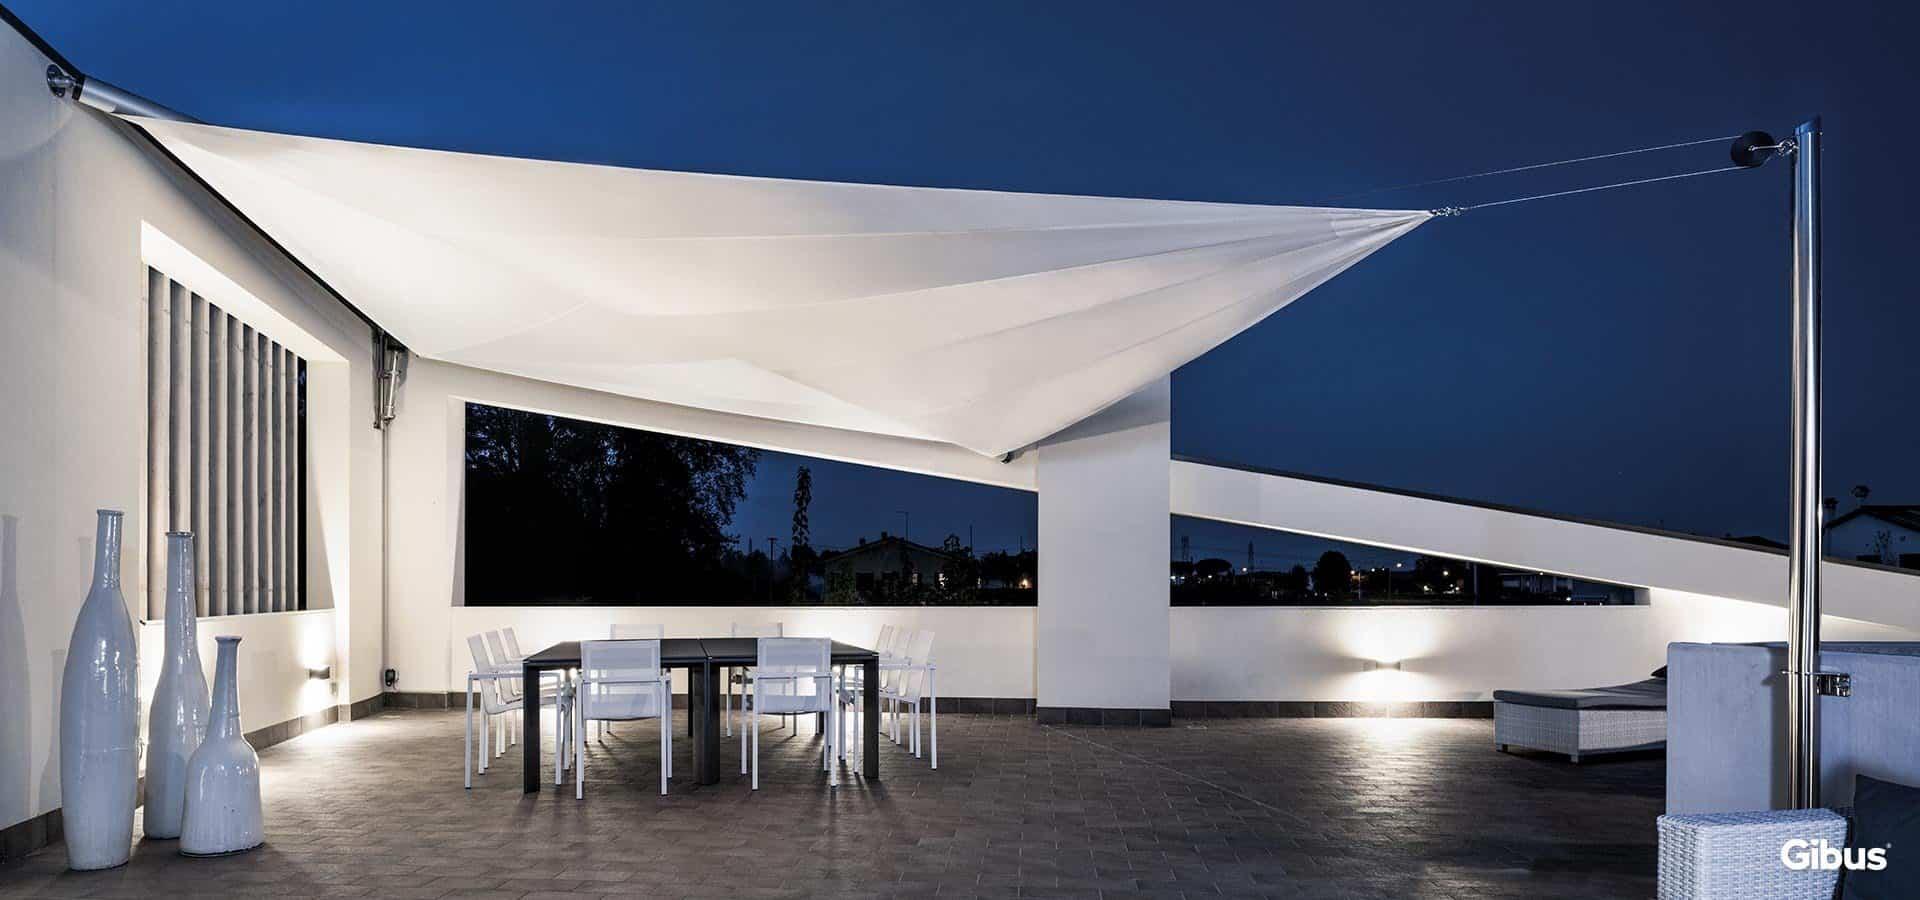 Coprire Terrazzo Con Veranda coperture esterne terrazzi: la guida per scegliere